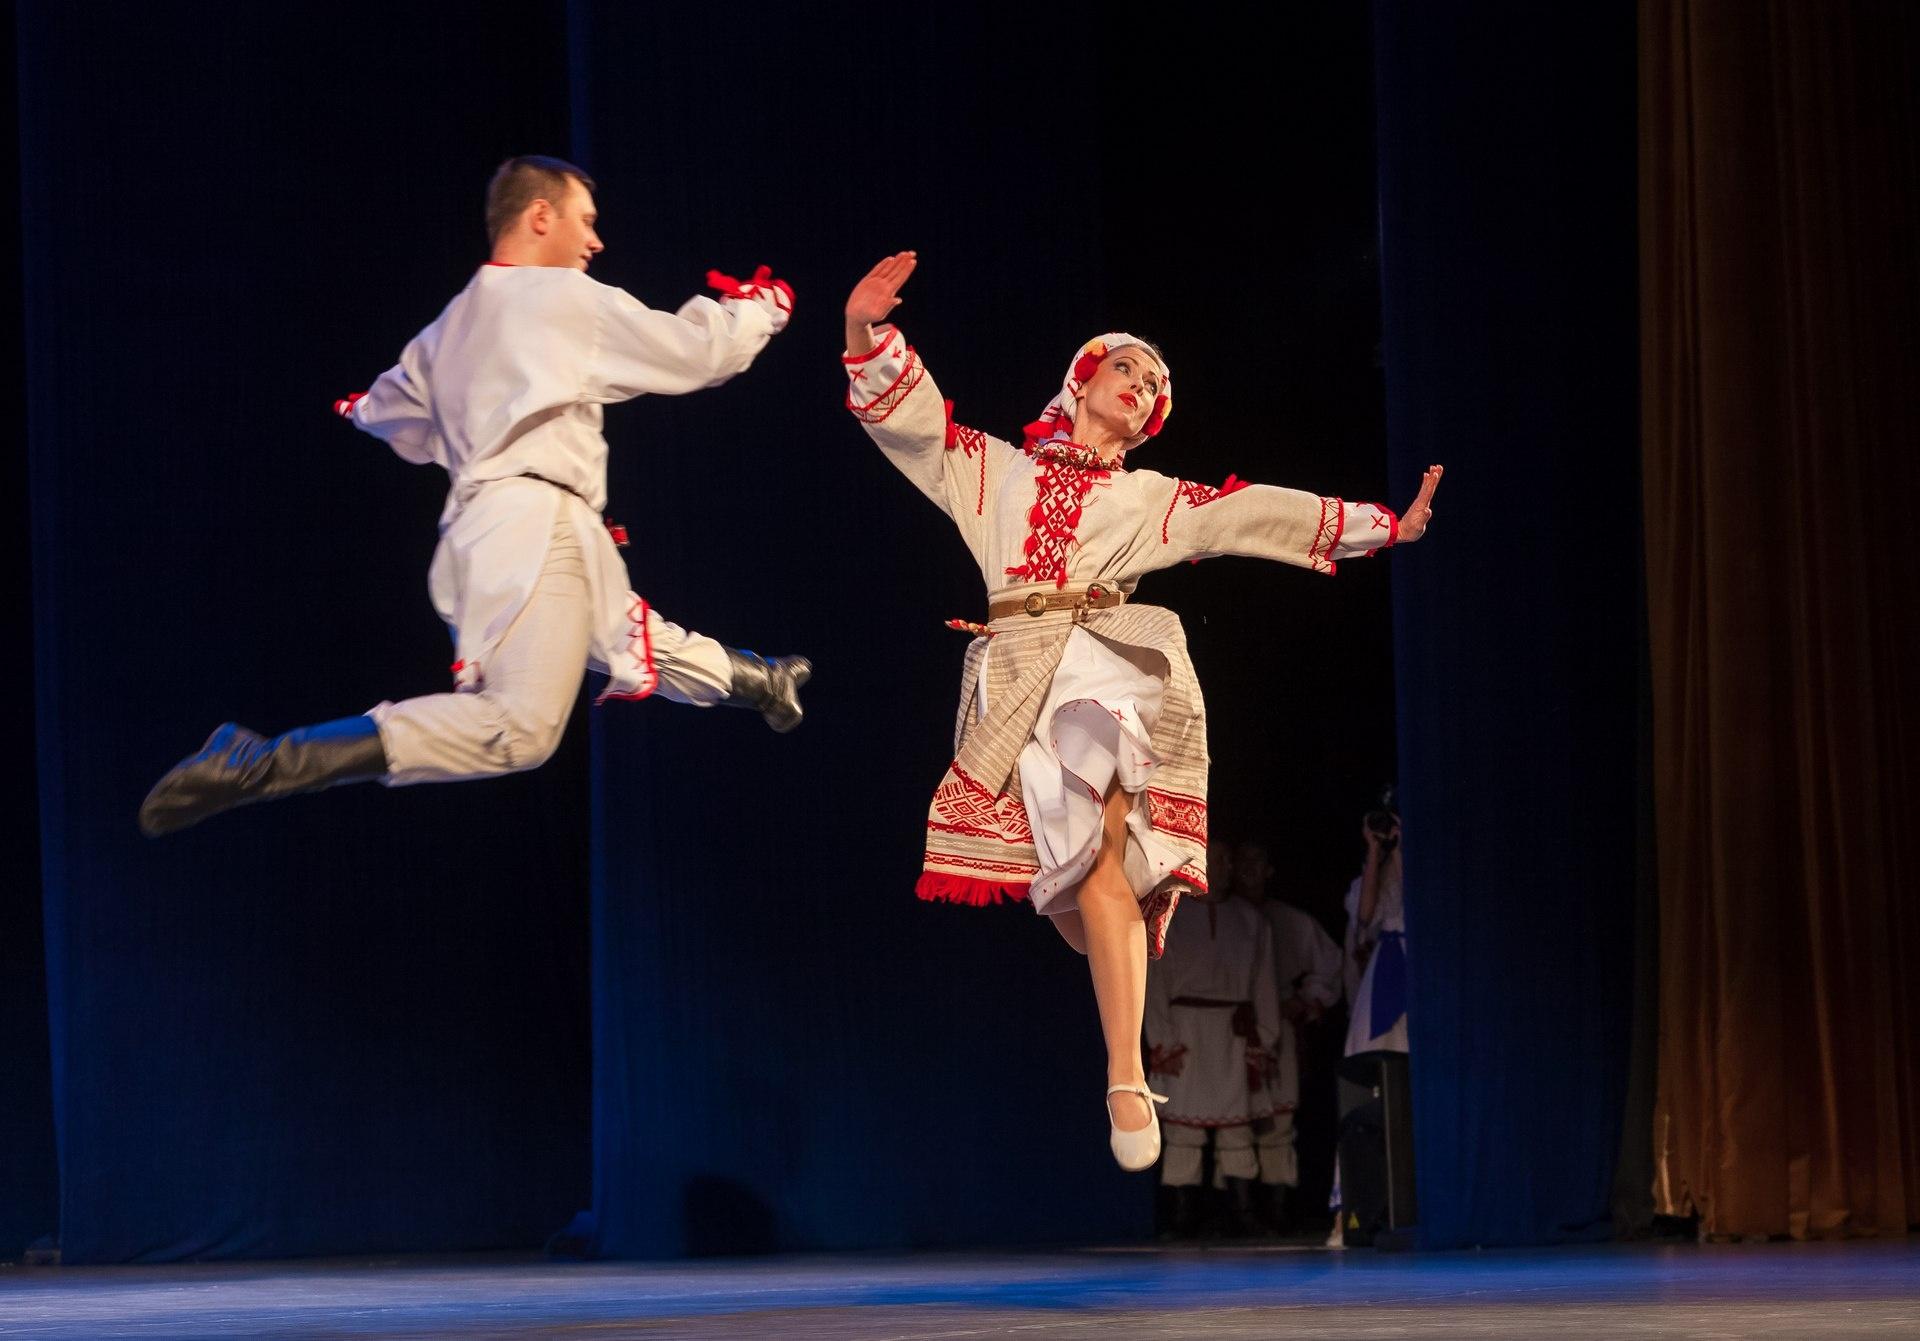 Плавность движений – главное отличие национальных танцев Беларуси